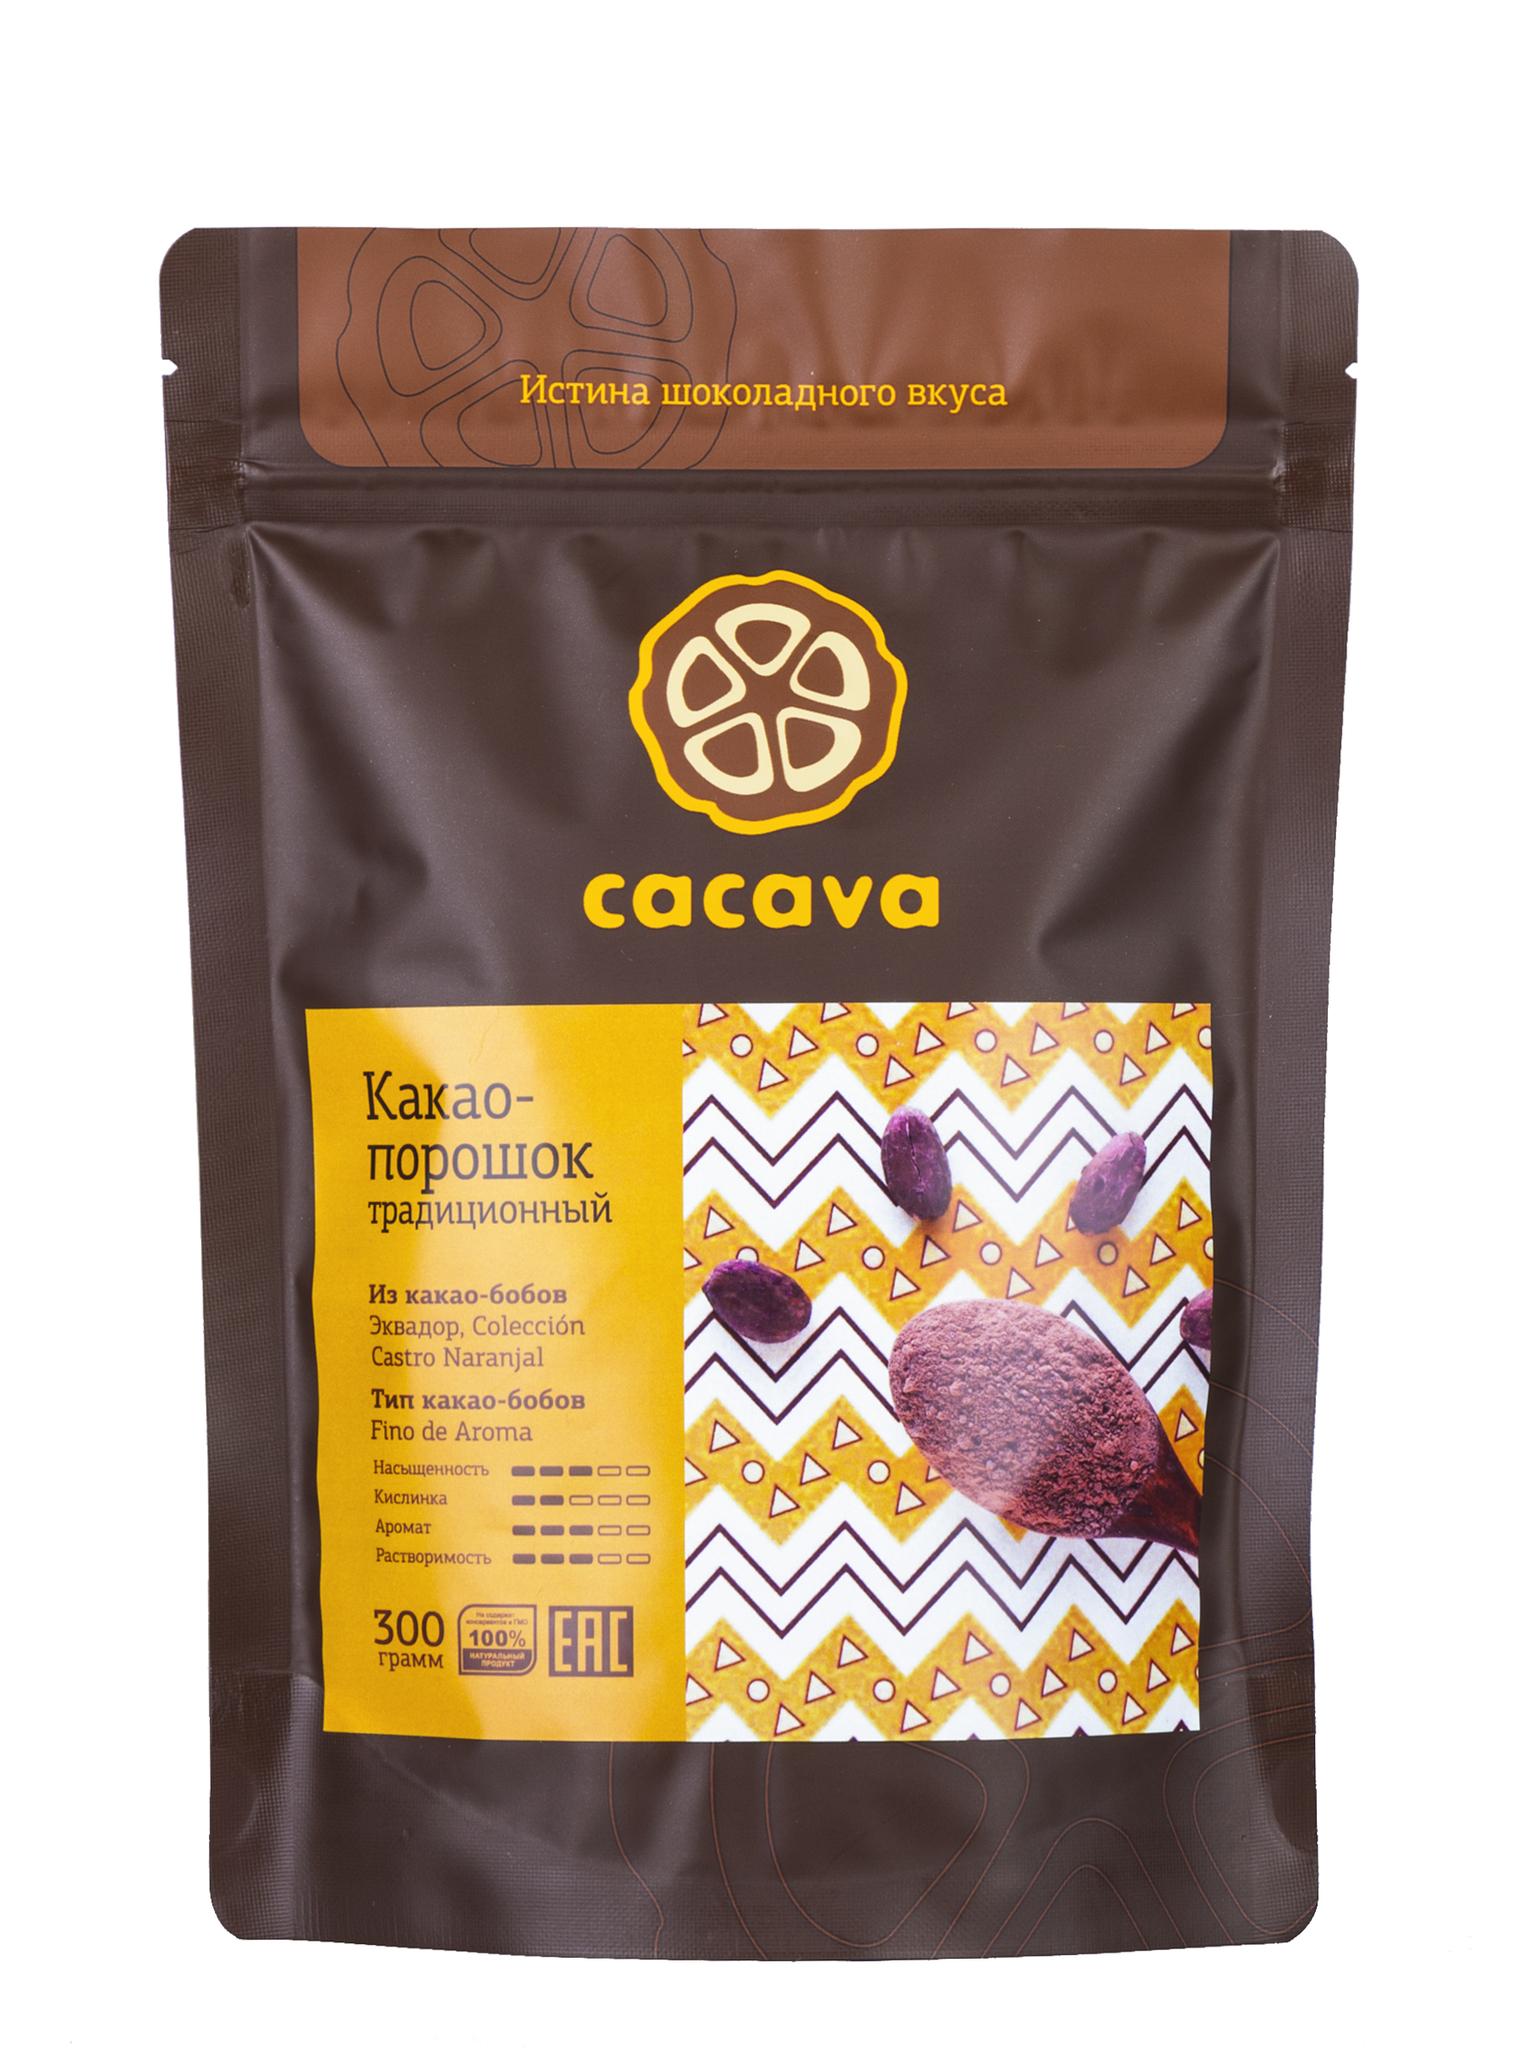 Какао-порошок Традиционный (Эквадор), упаковка 300 грамм